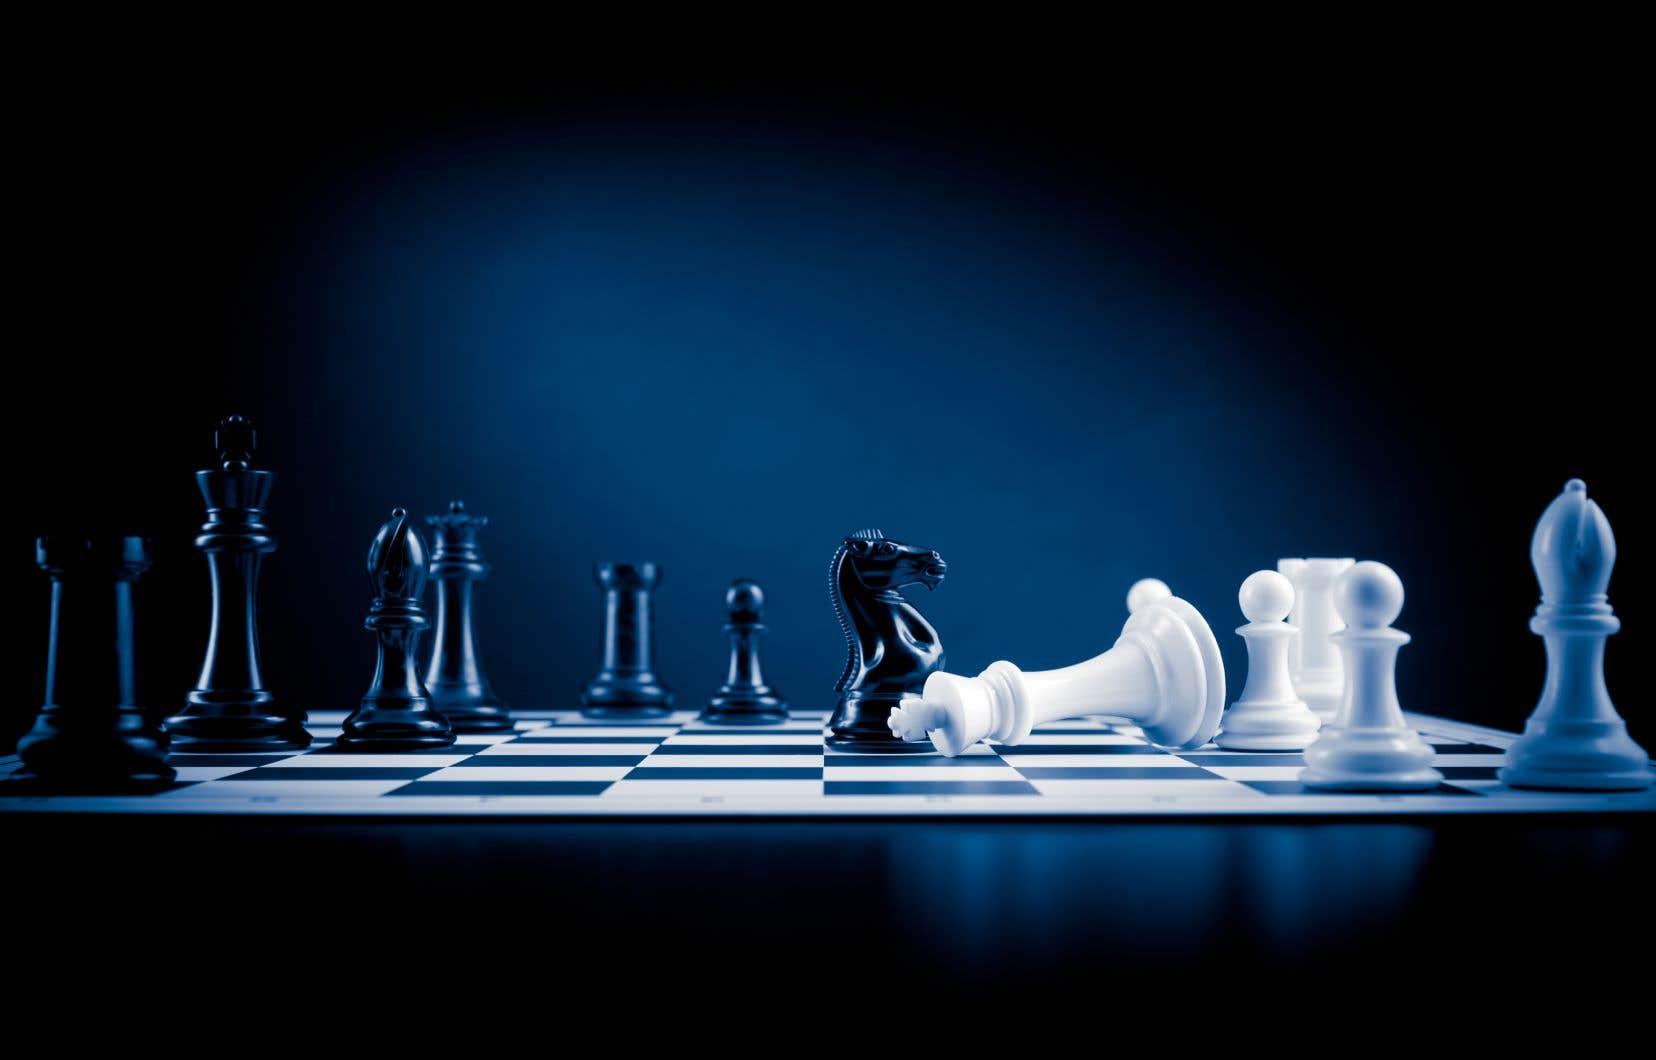 Si l'ordinateur a réussi à battre l'humain aux échecs ou dans un contexte de jeu multijoueur, c'est qu'on arrive à représenter les problèmes d'apprentissage en calculs.